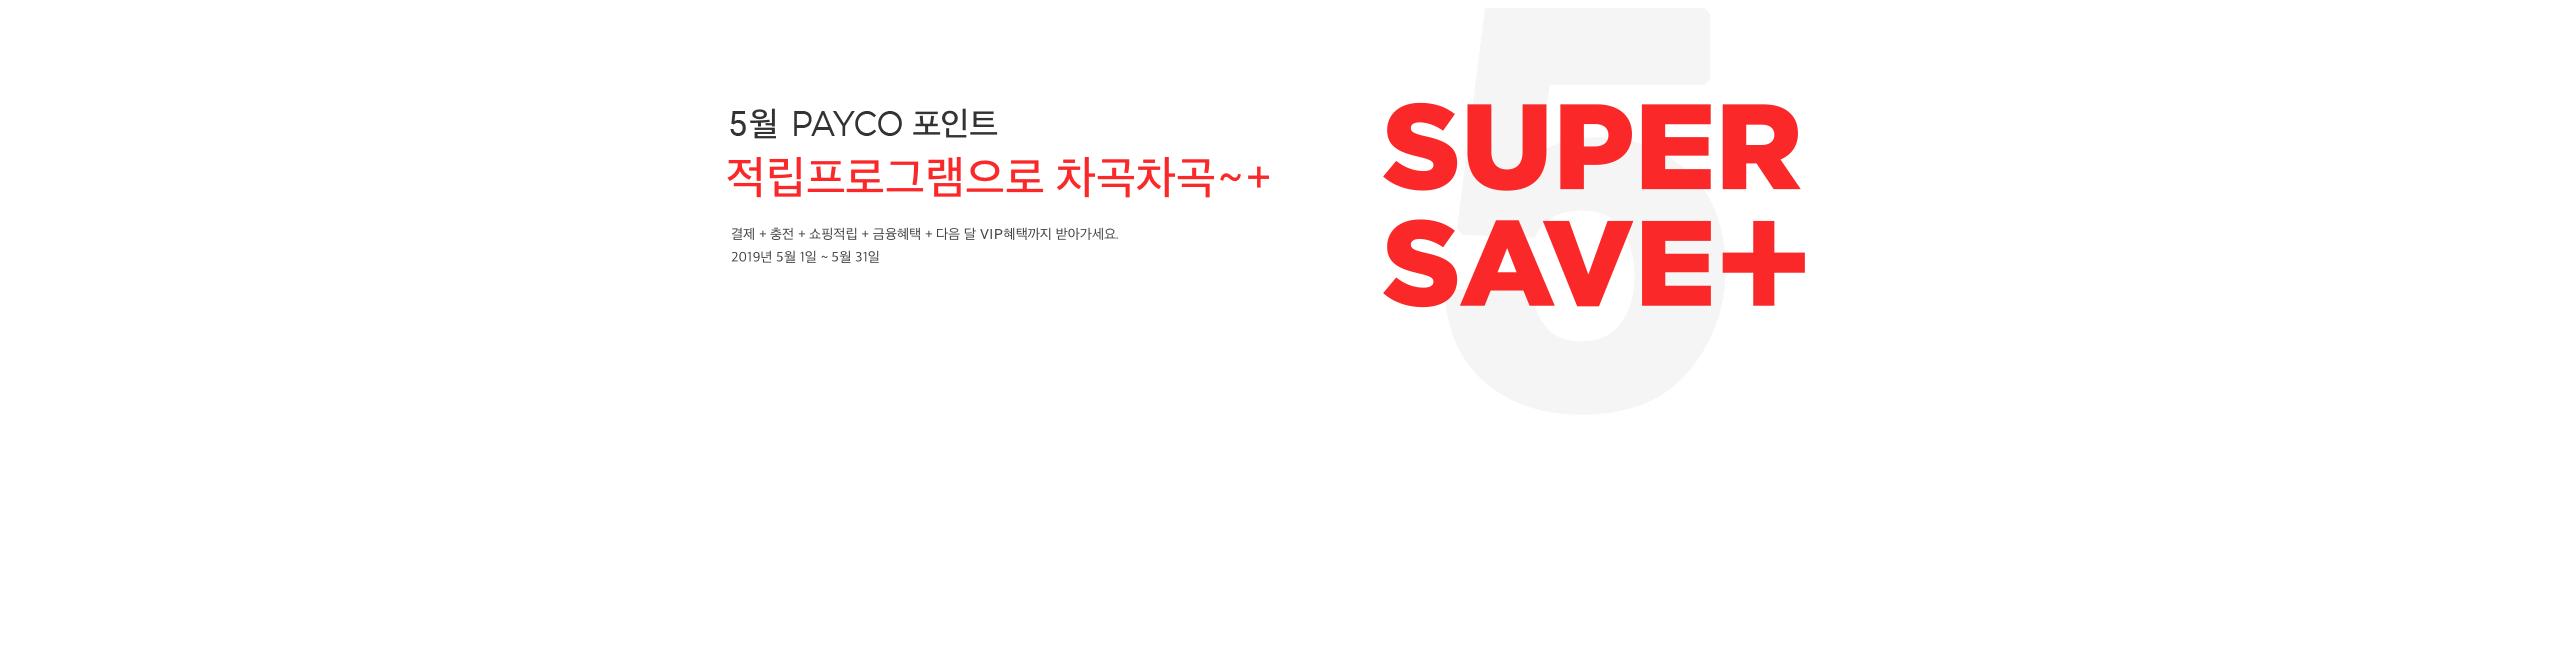 5월 SUPER SAVE+